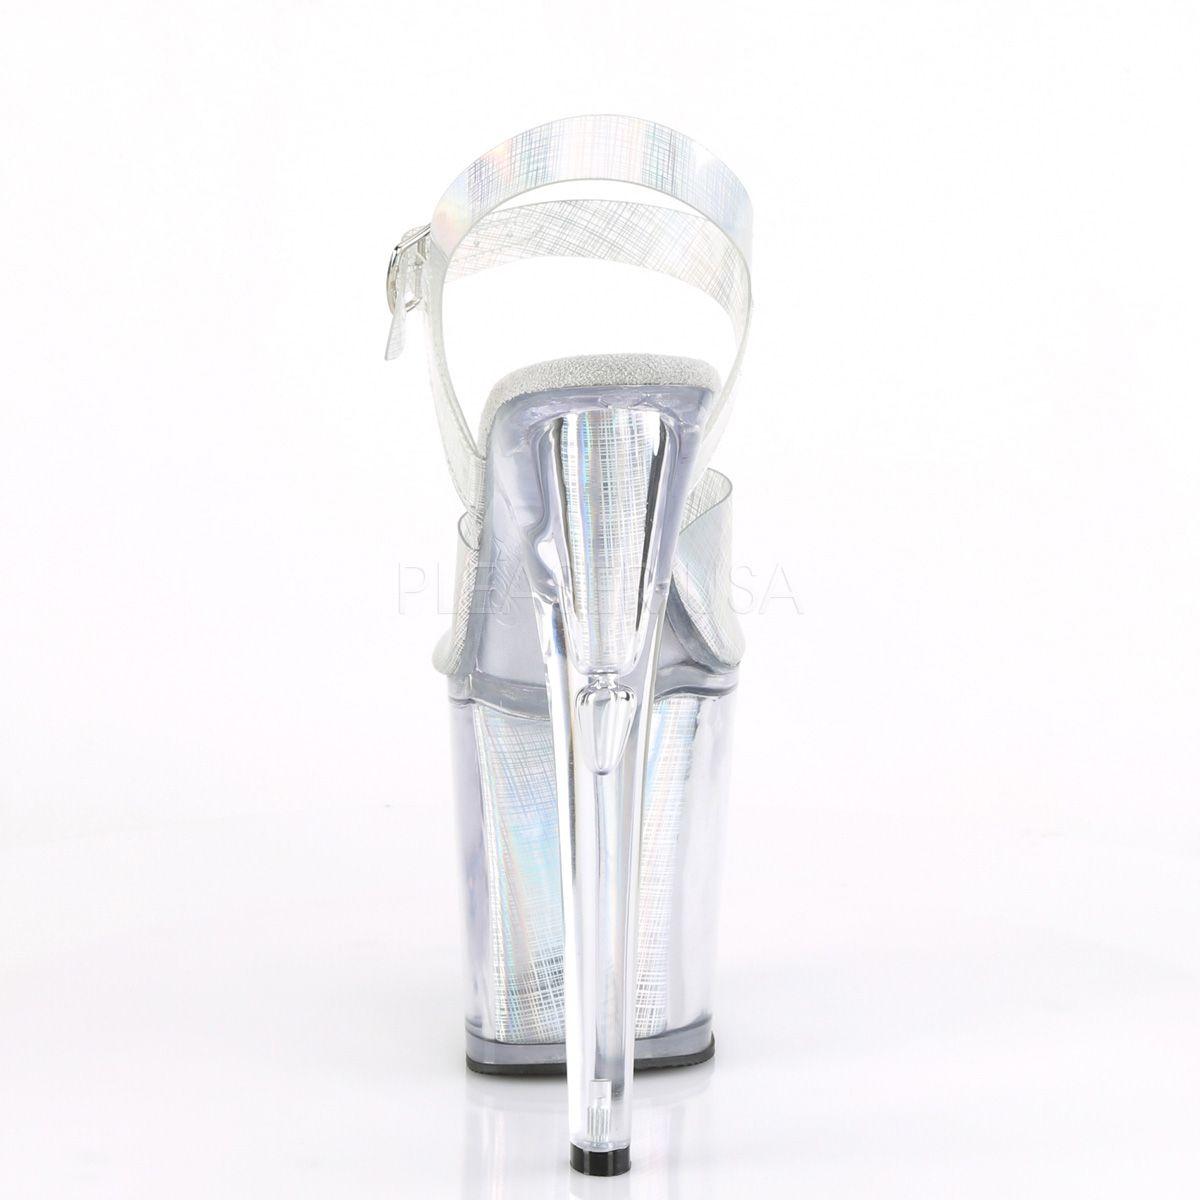 Sandália Xtreme 808 N CRHM Acrílico Holográfica - Pleaser (encomenda)